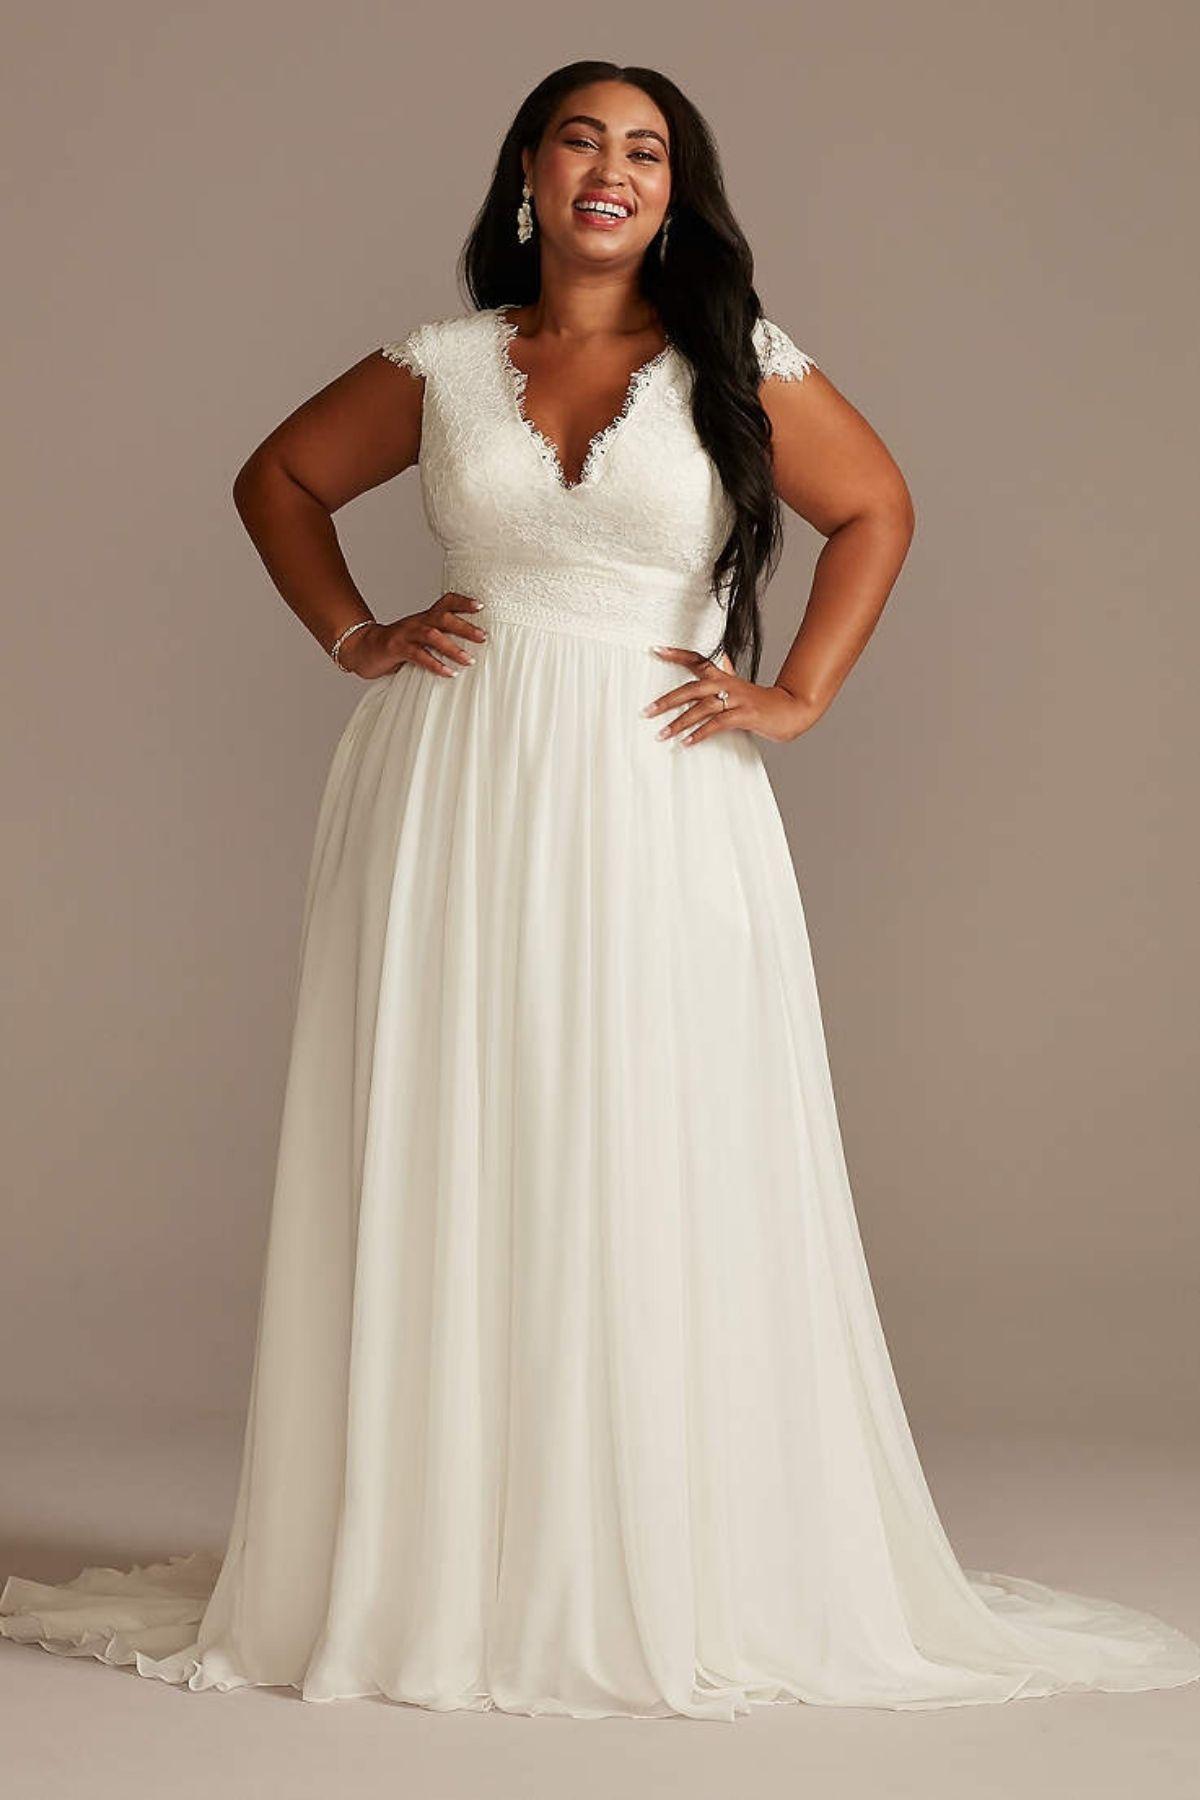 2. Lace Illusion Back Chiffon Plus Size Wedding Dress